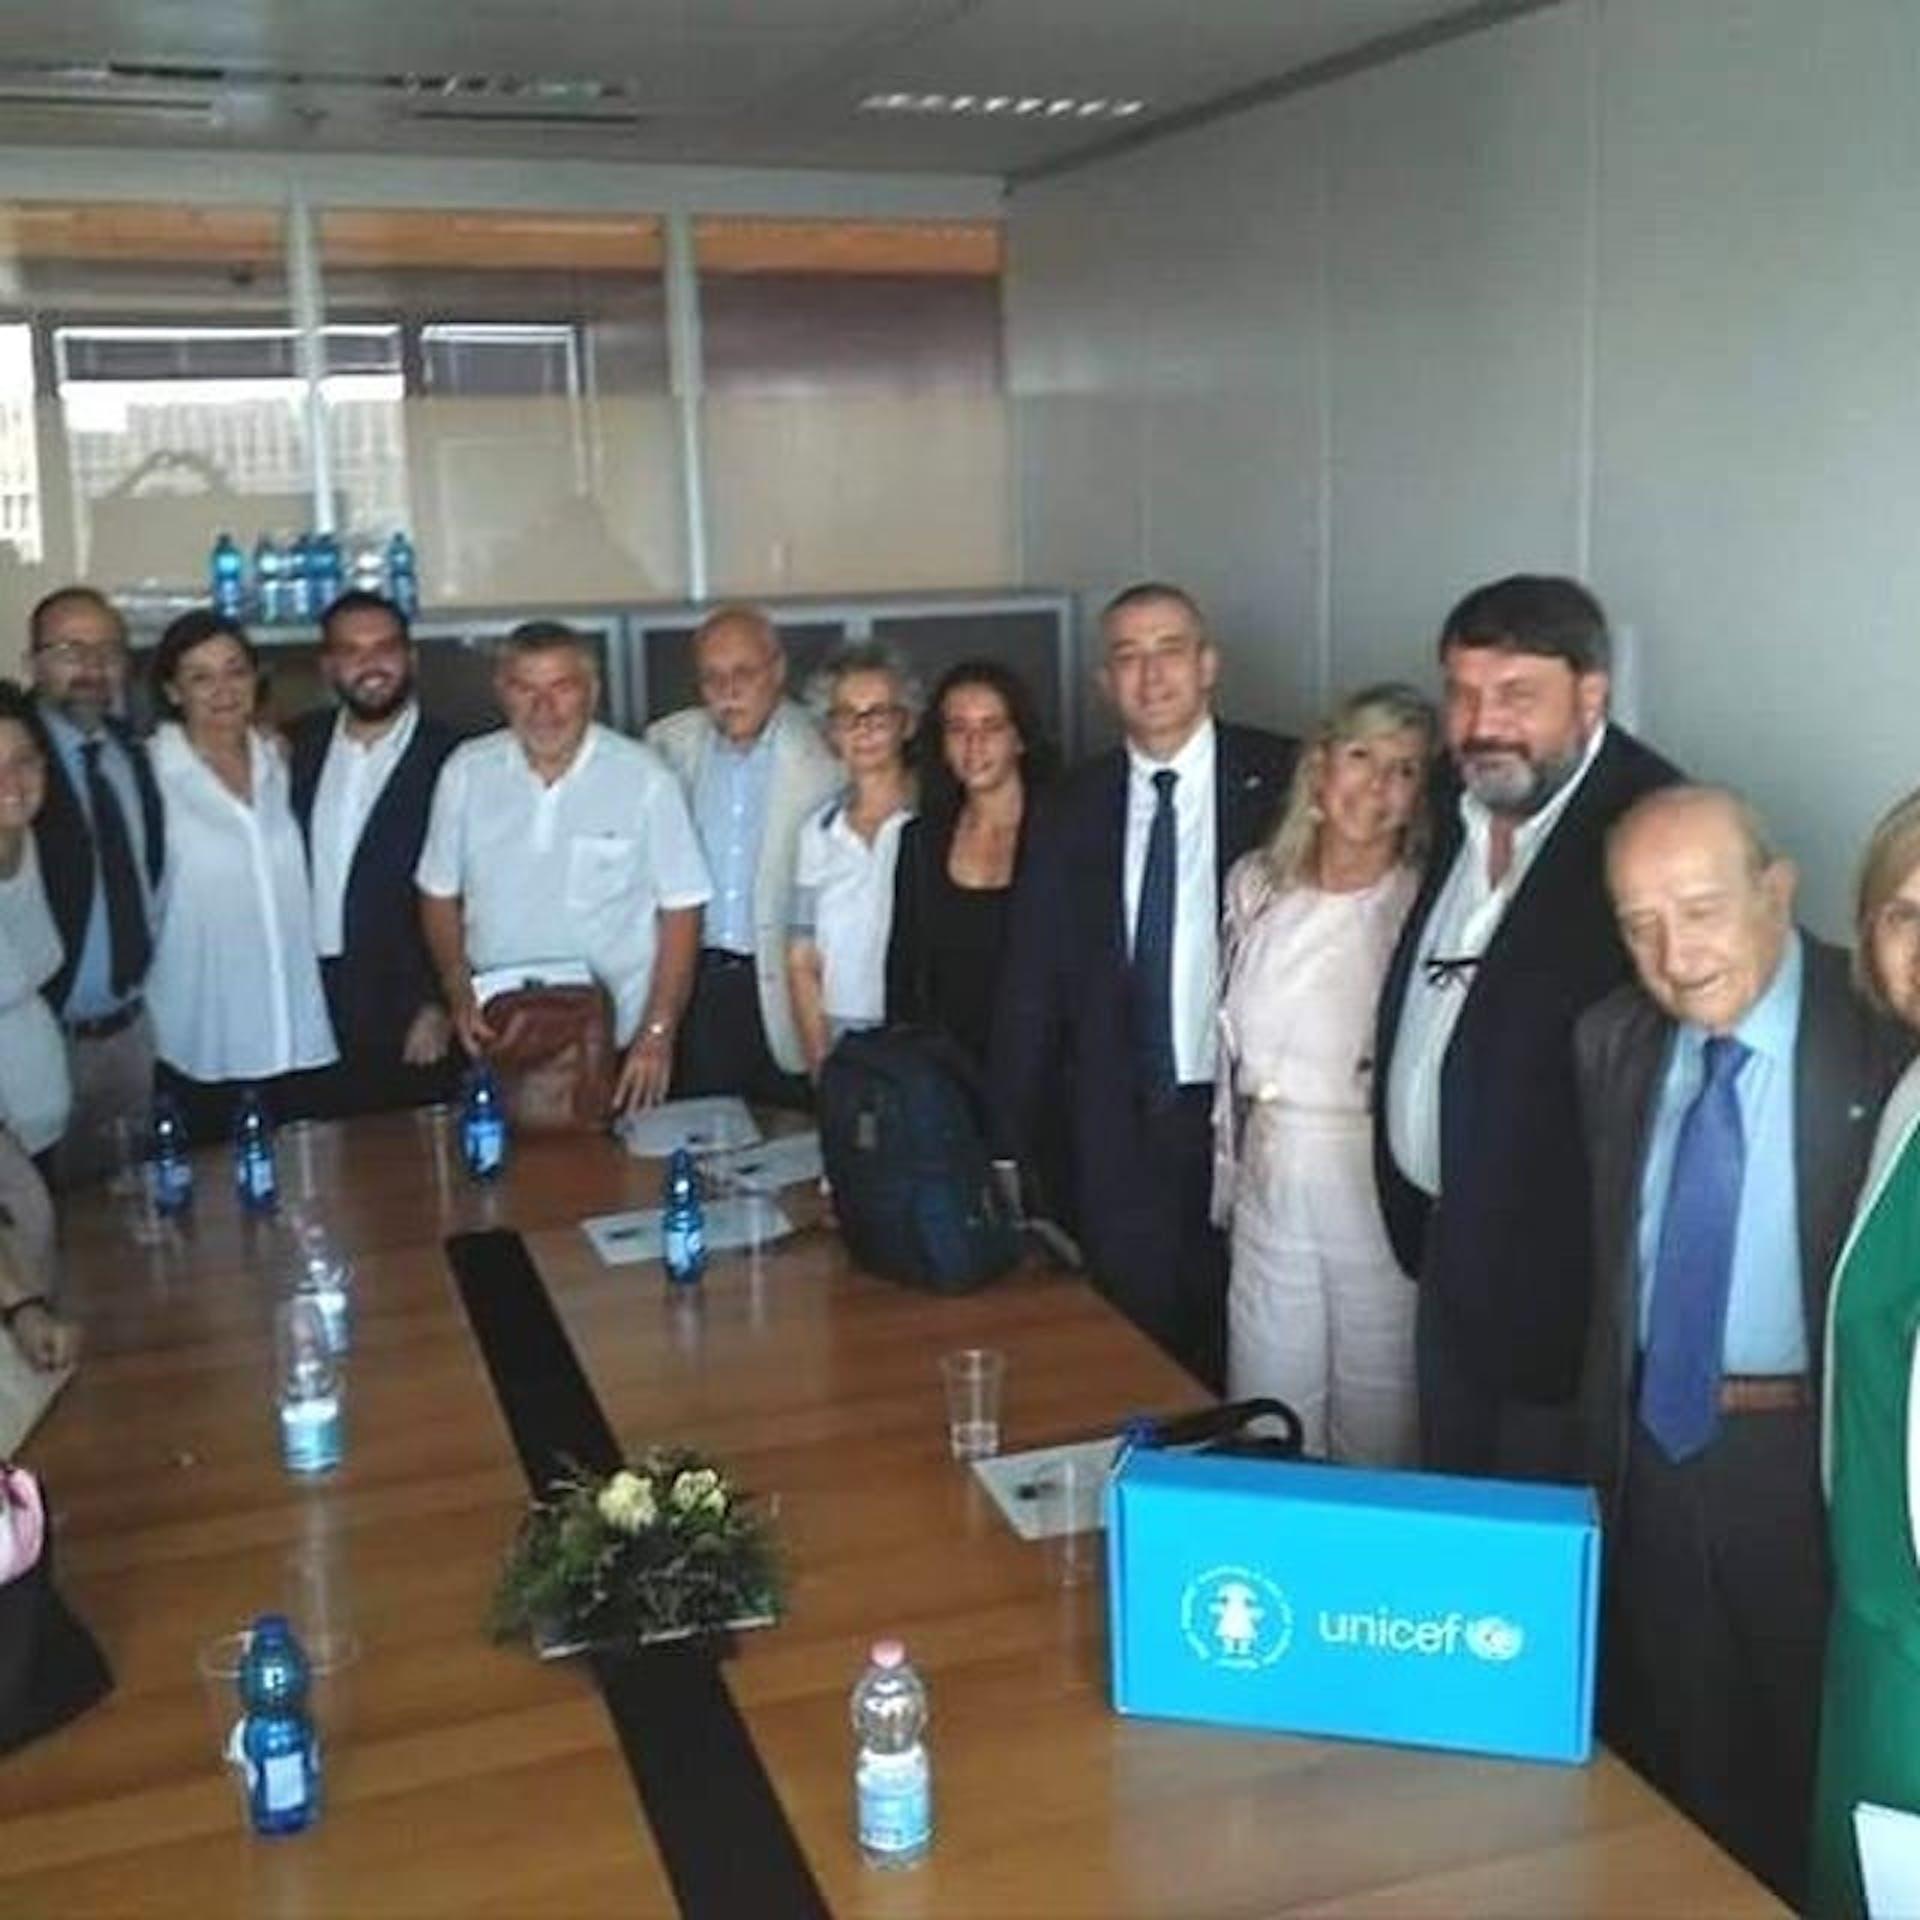 Da sin: il Garante infanzia della Lombardia Massimo Pagani, il Presidente dell'UNICEF Italia Francesco Samengo e la consigliera nazionale dell'UNICEF Italia Anna Miccoli